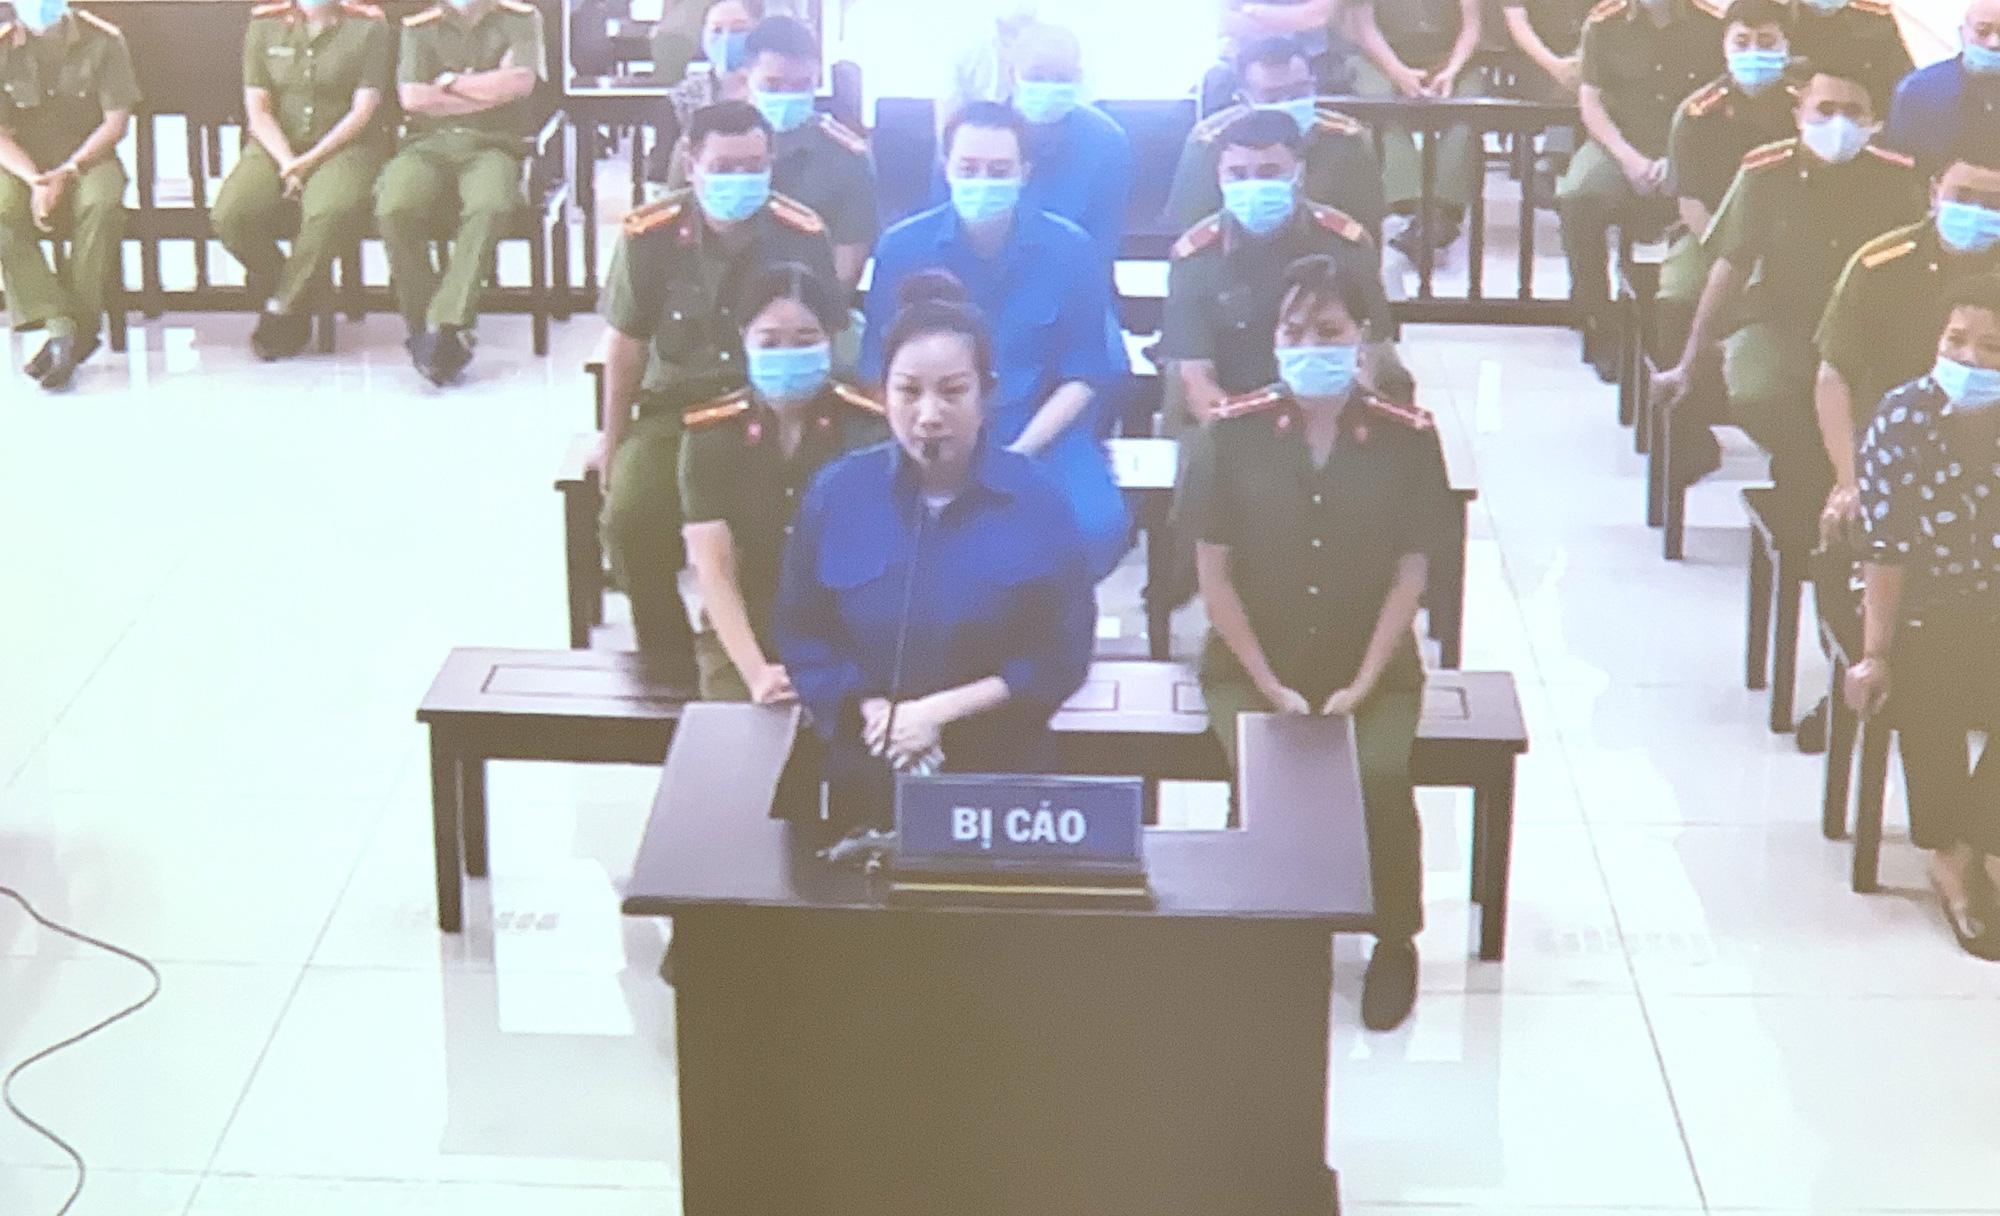 Vợ Đường 'Nhuệ' và 4 cán bộ thao túng đấu giá đất tại Thái Bình hầu toà - Ảnh 2.